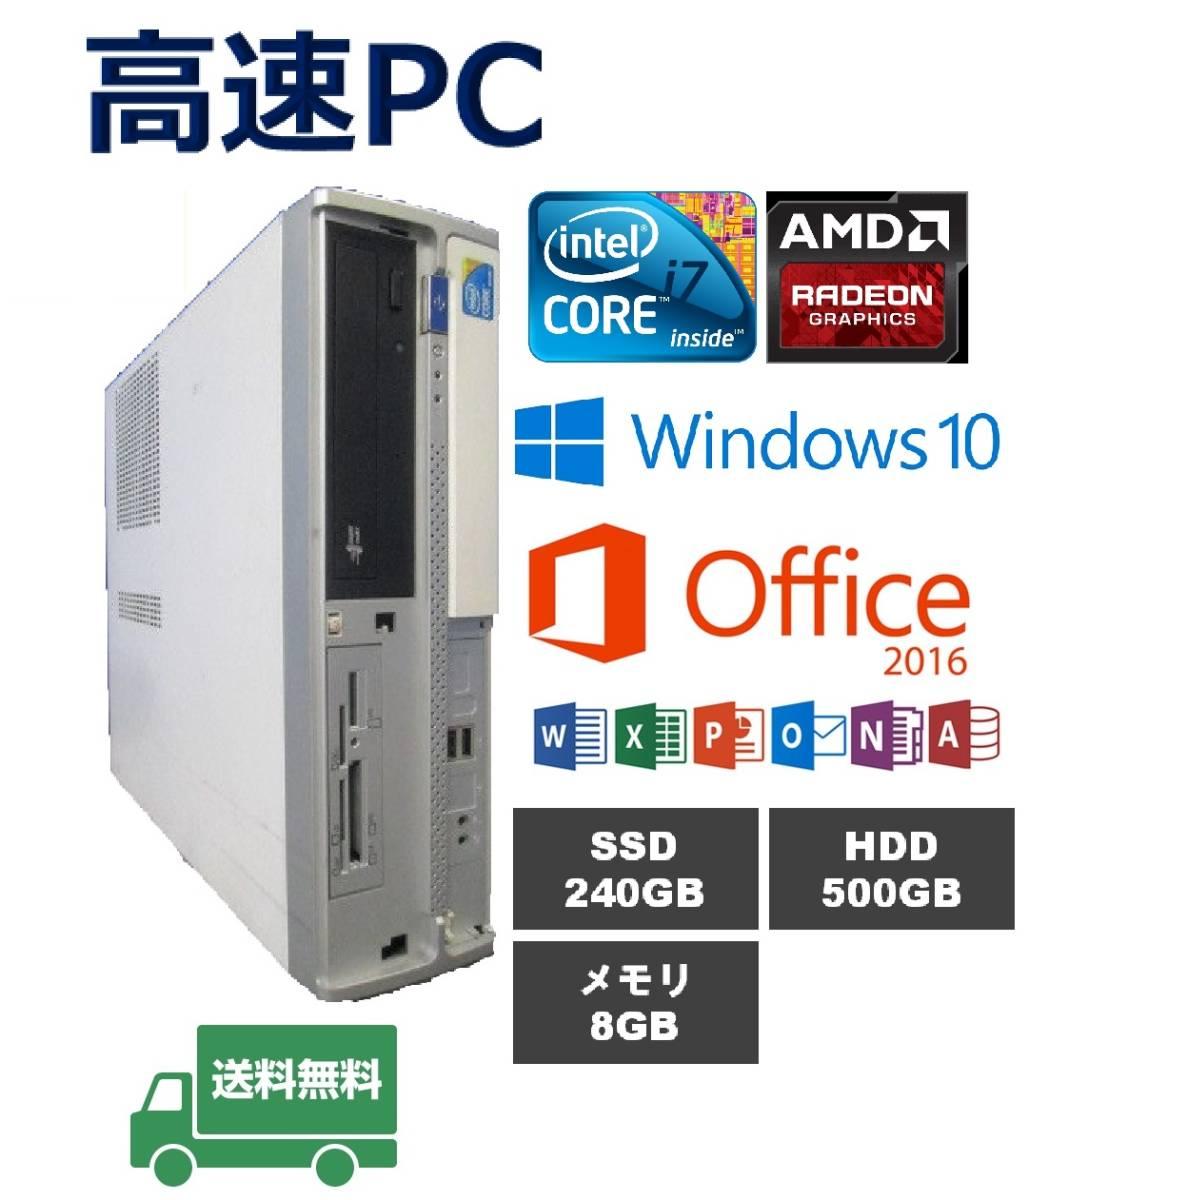 ★高速Intel Core i7搭載★新品SSD240GB★HDD500GB★メモリ8GB★AMD Radeon HDグラボ★最新Win10★MS Office 2016★自作PC★